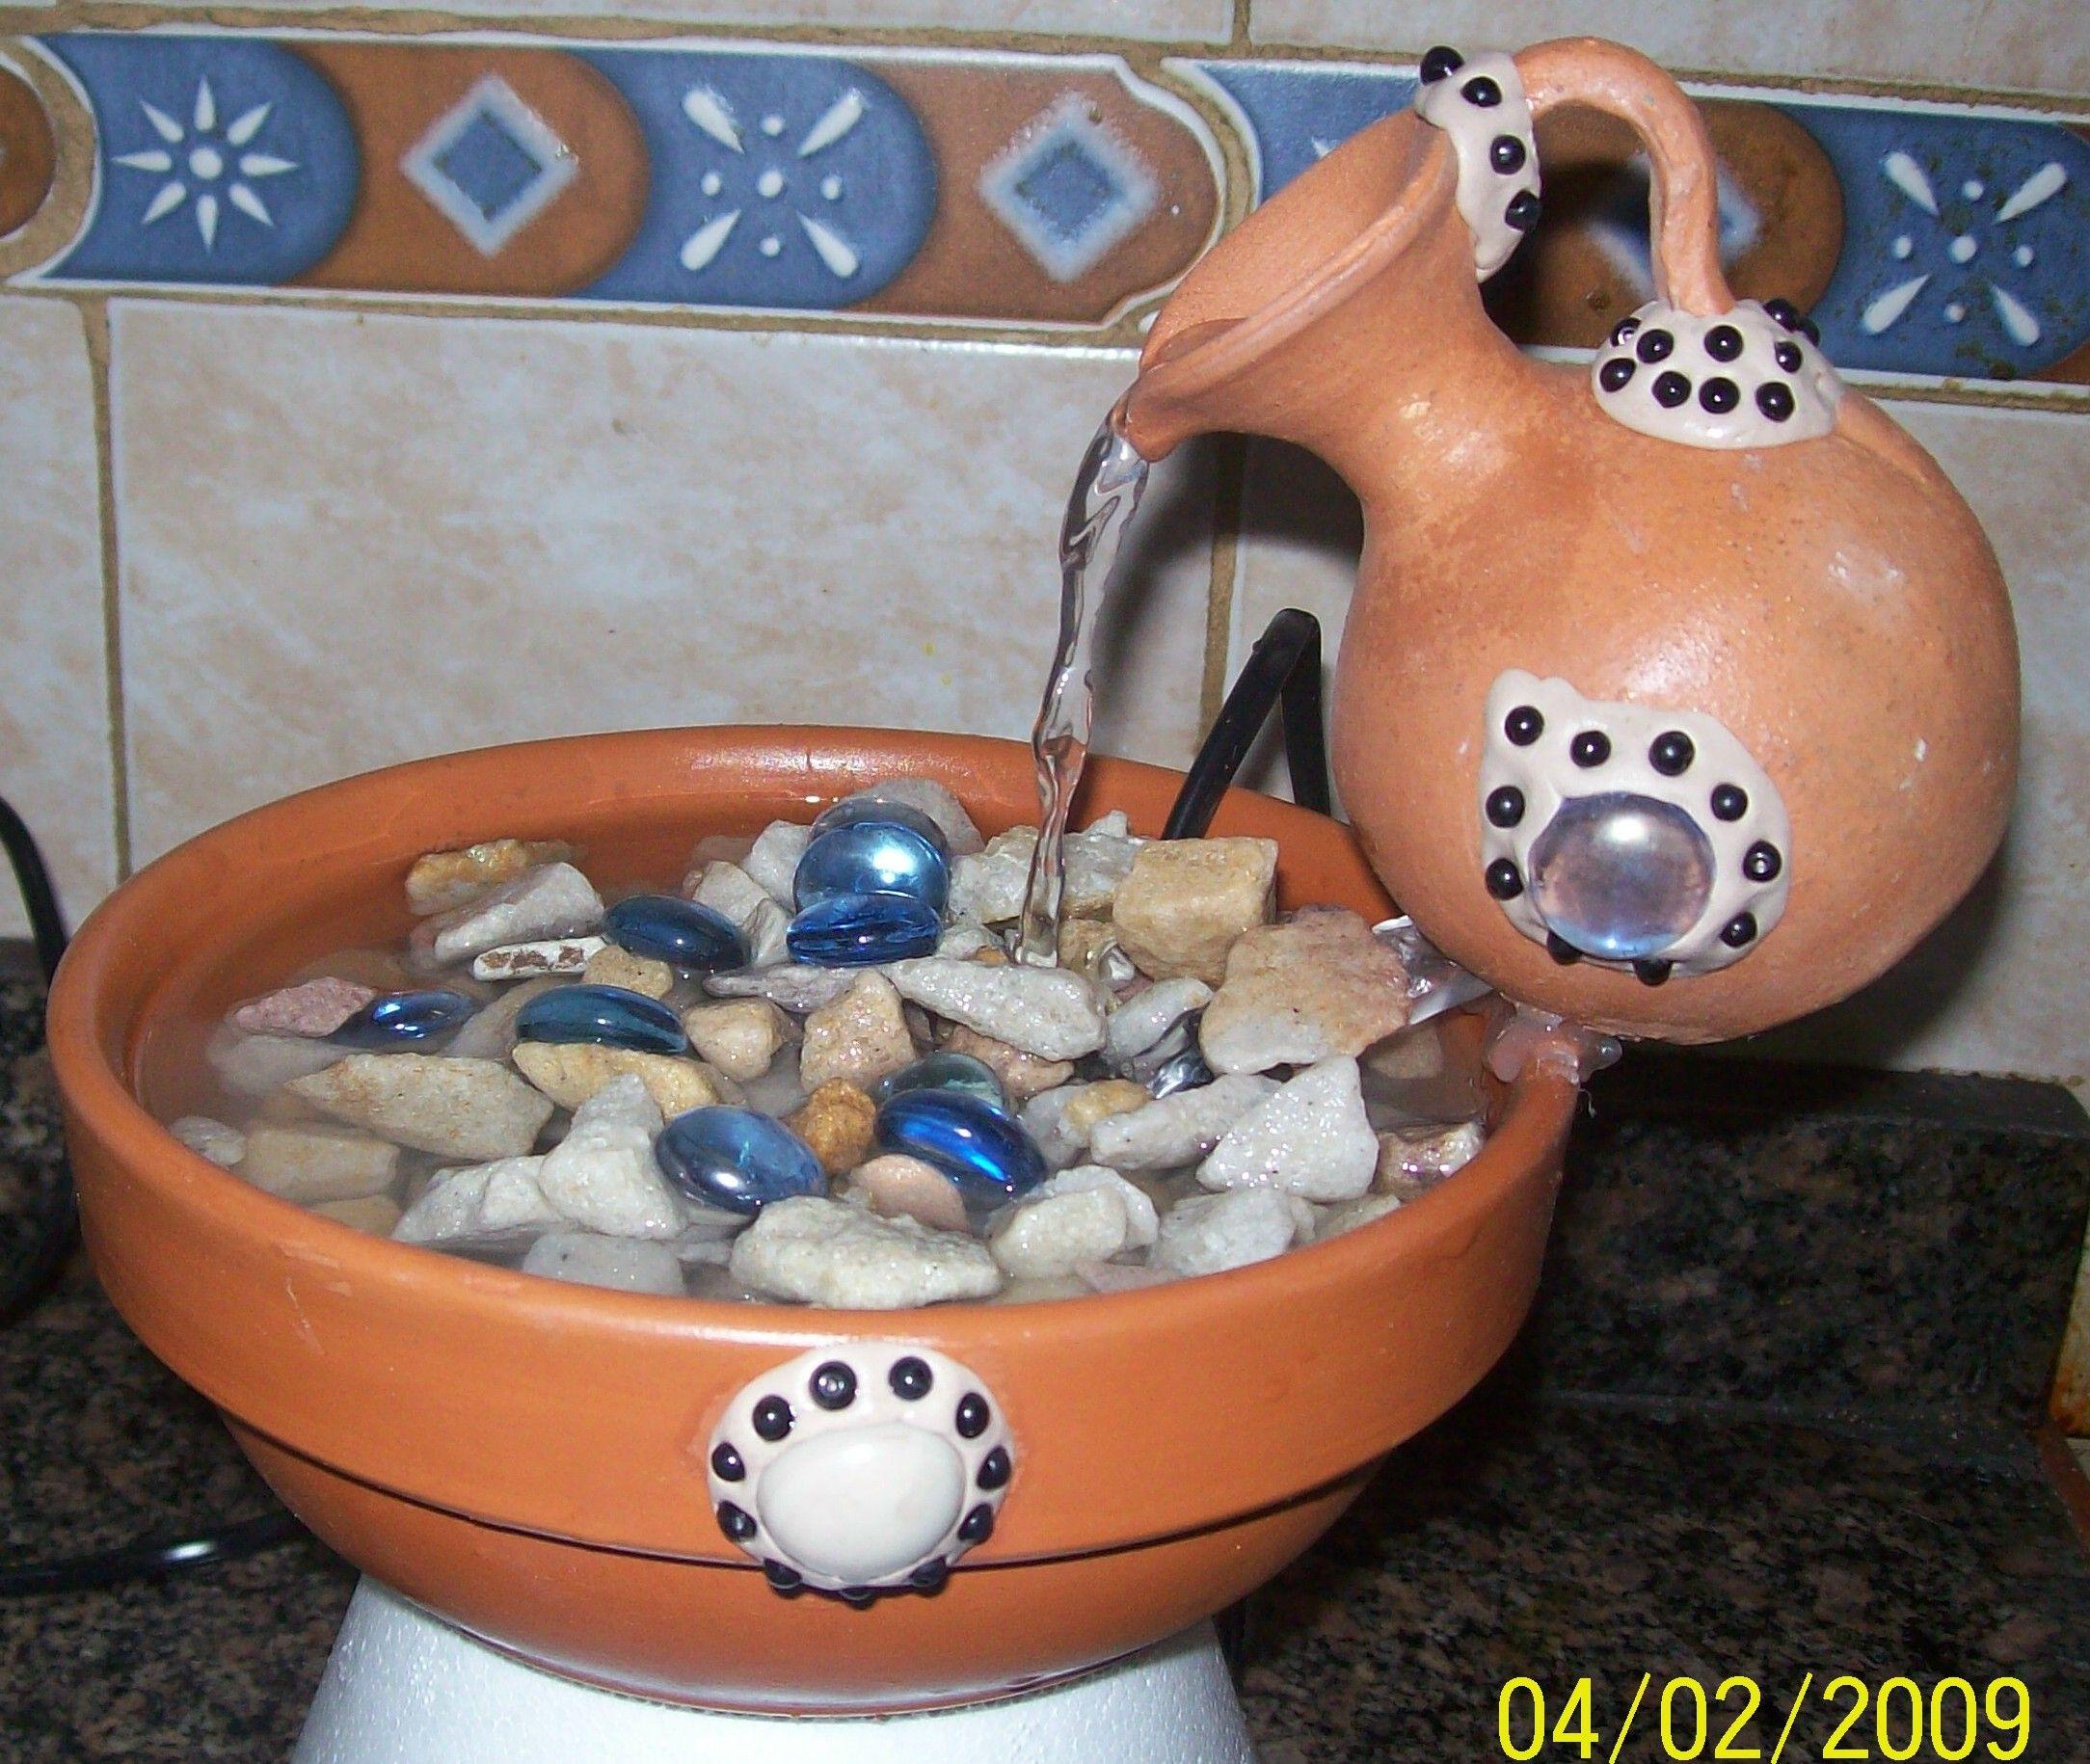 Fuentes de agua regalos regalos navide os fuentes feng - Fuente de agua feng shui ...